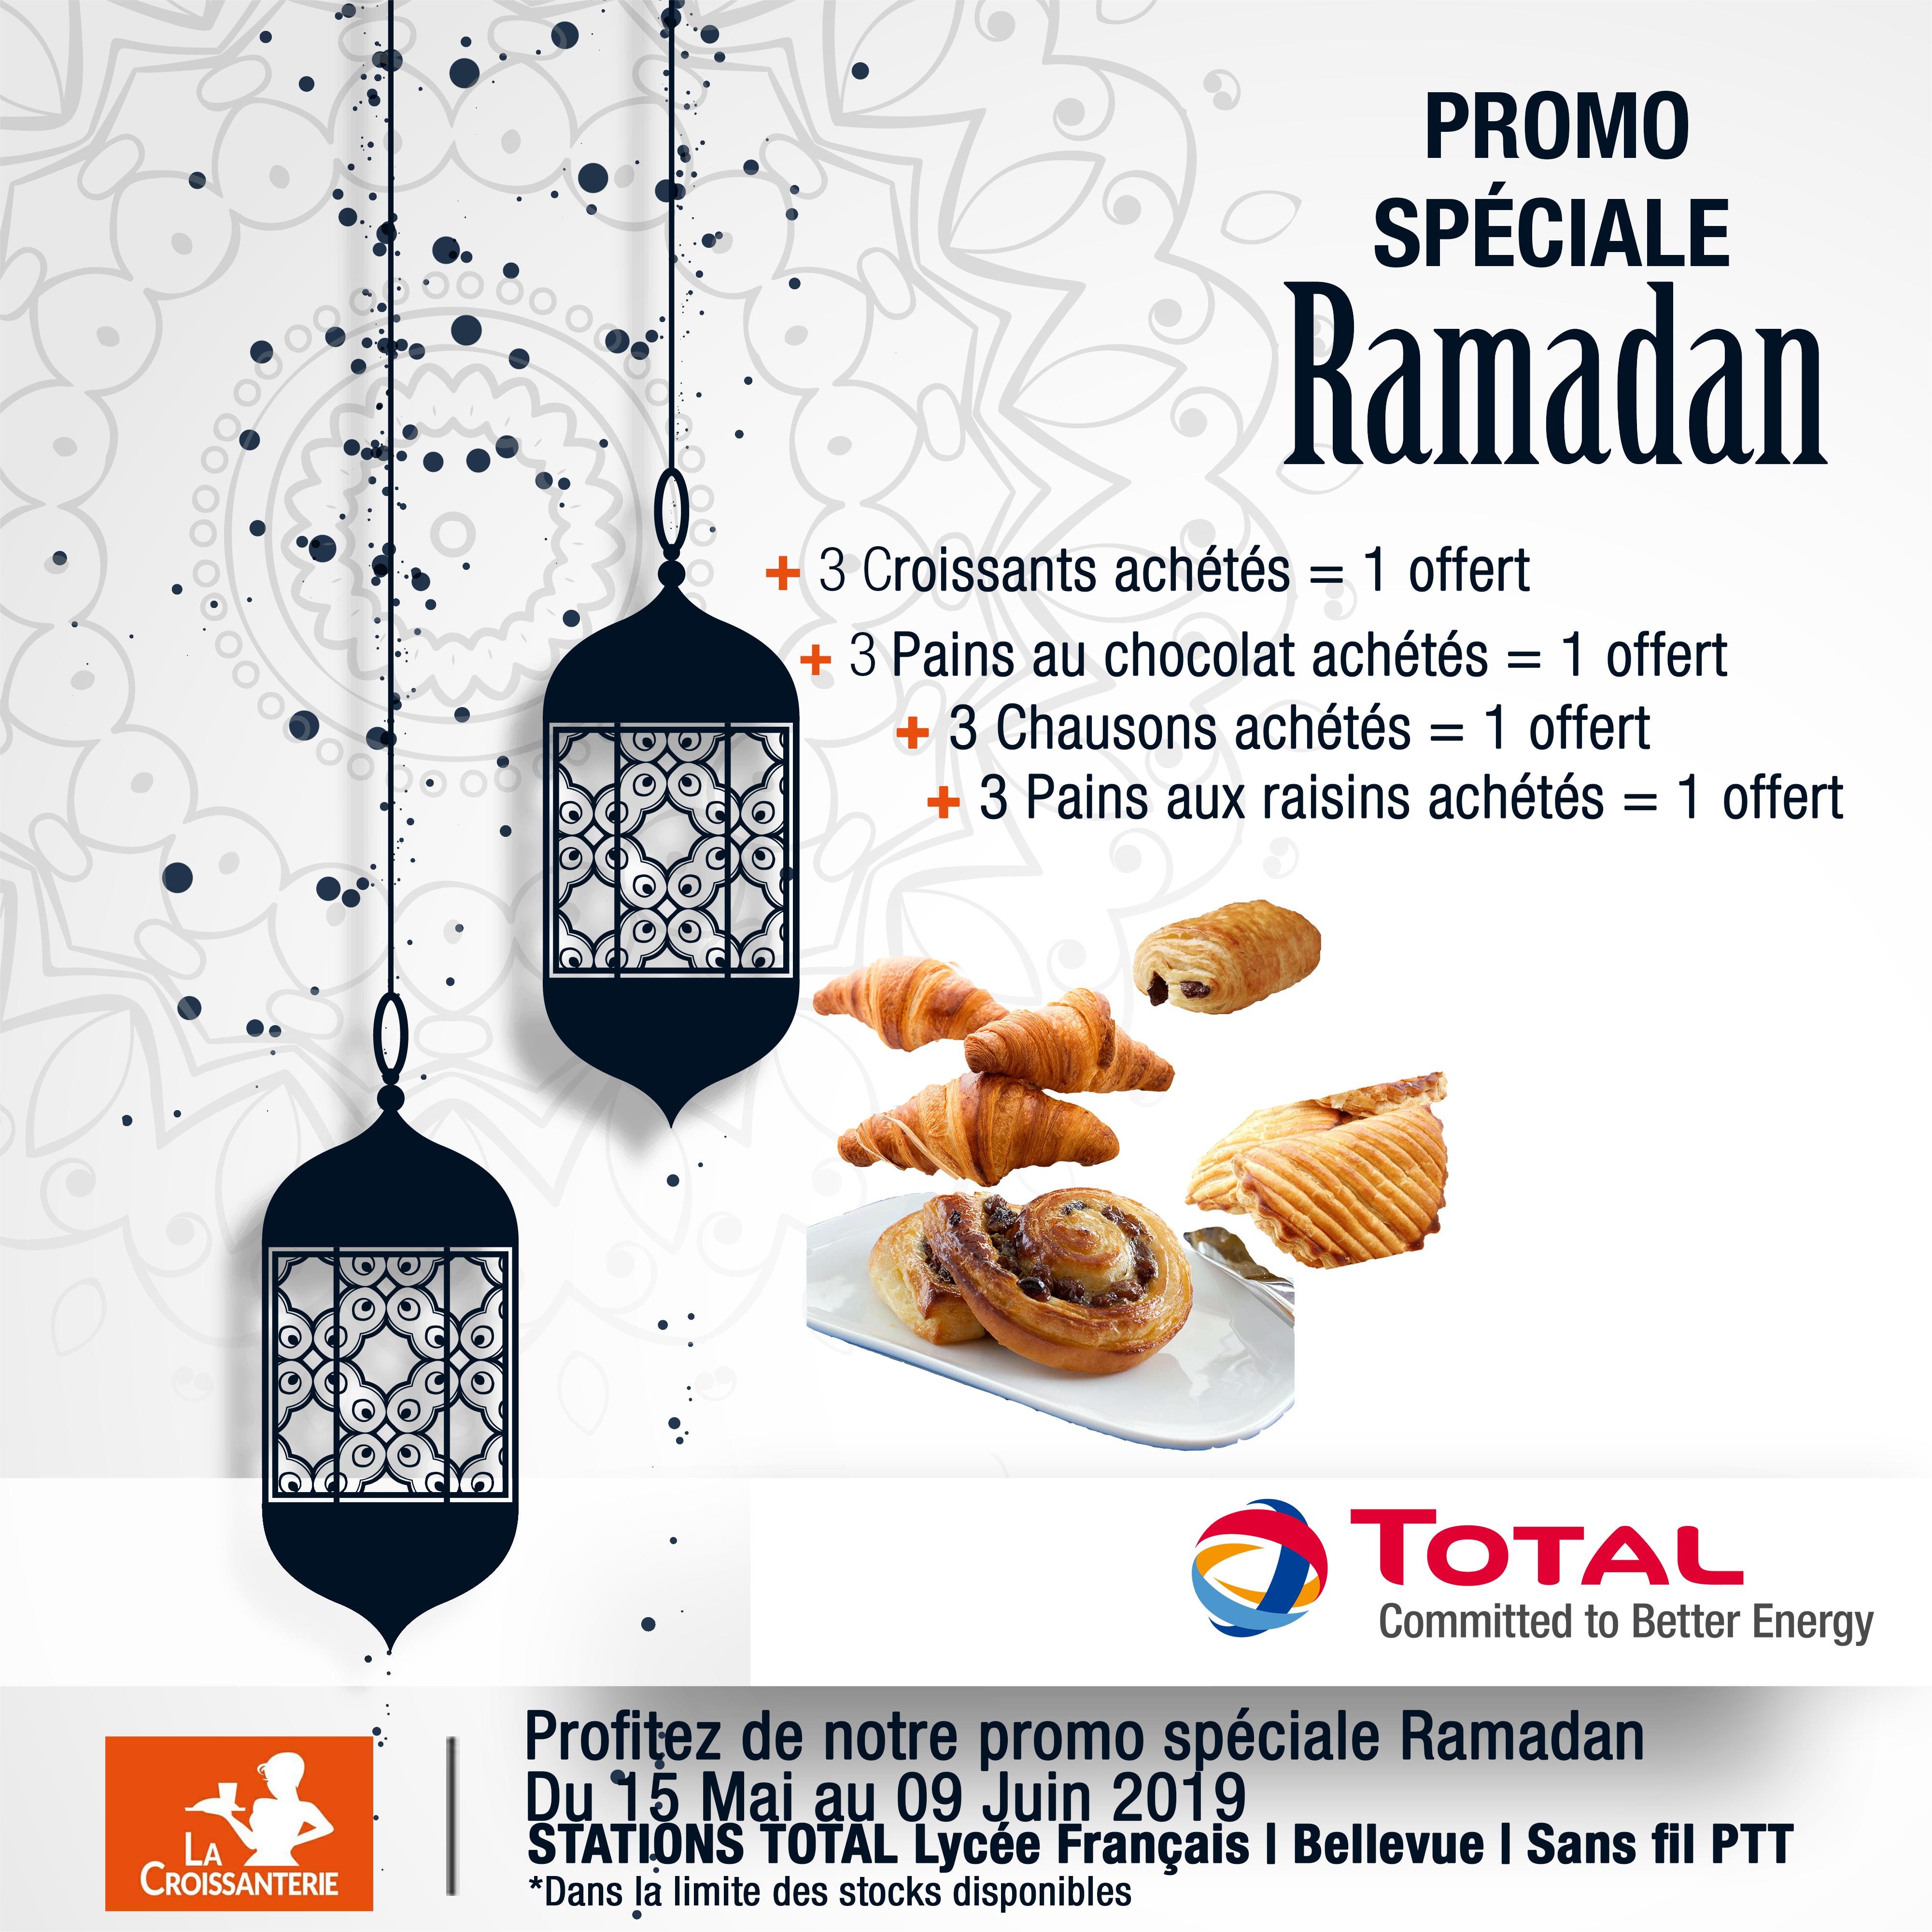 promo_ramadan_croissaterie_2019.jpg